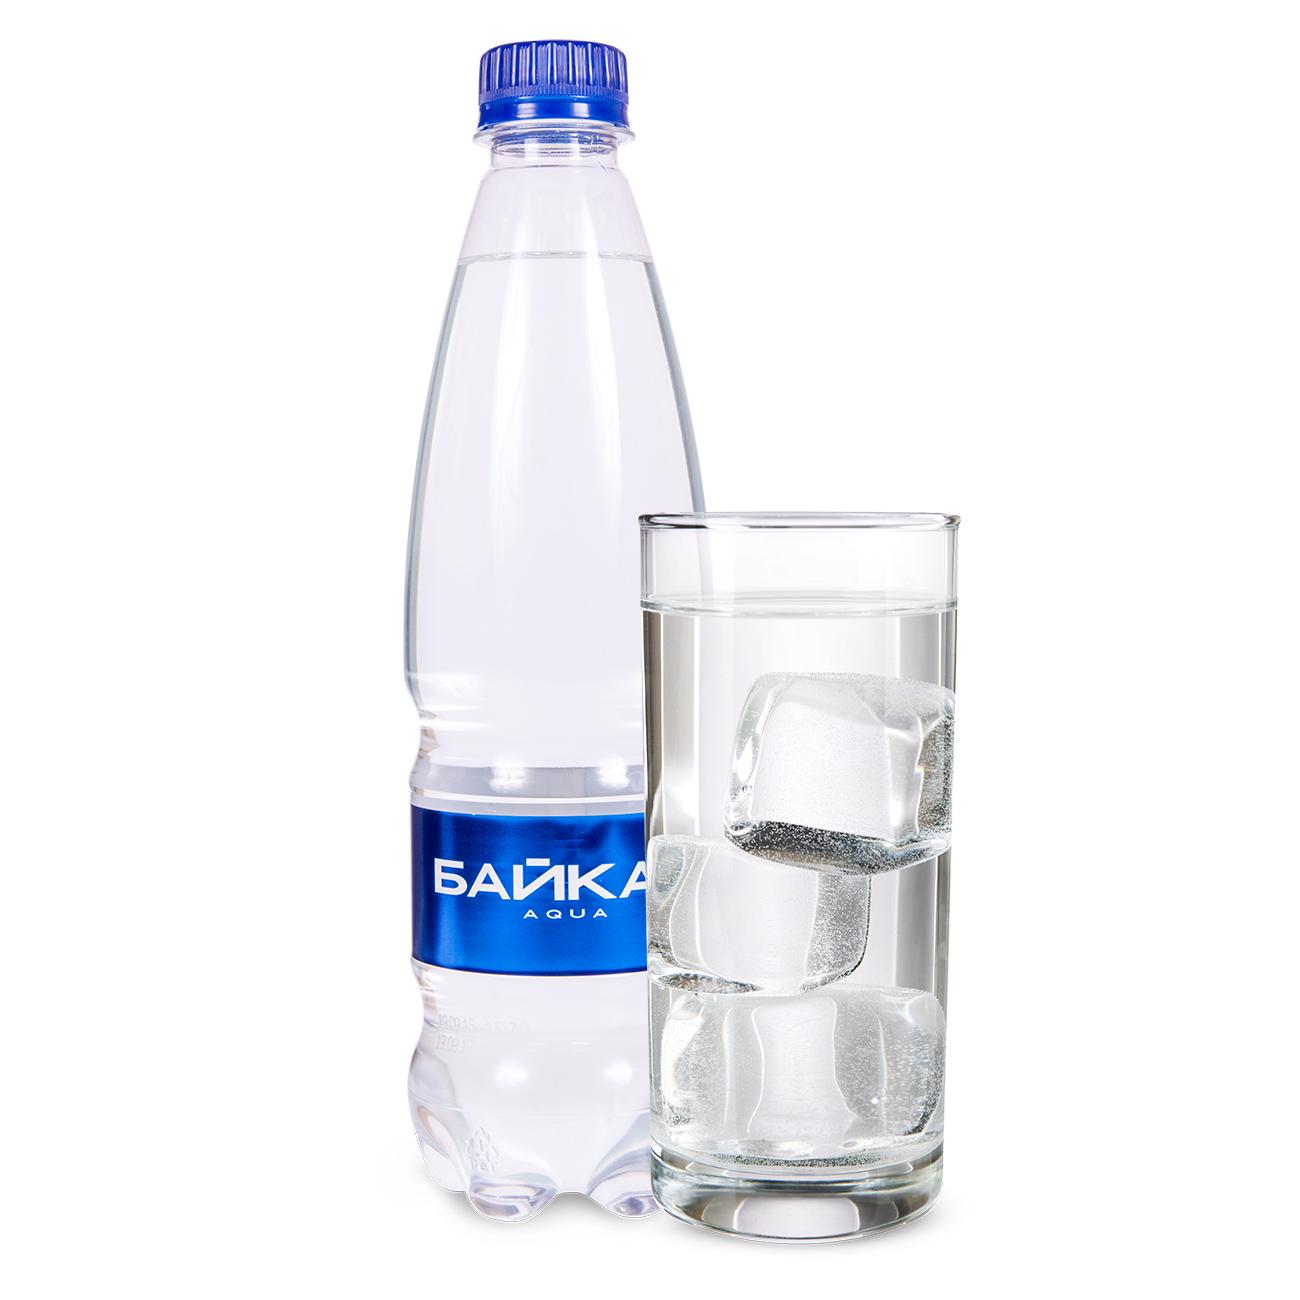 Напиток Байкал Аква